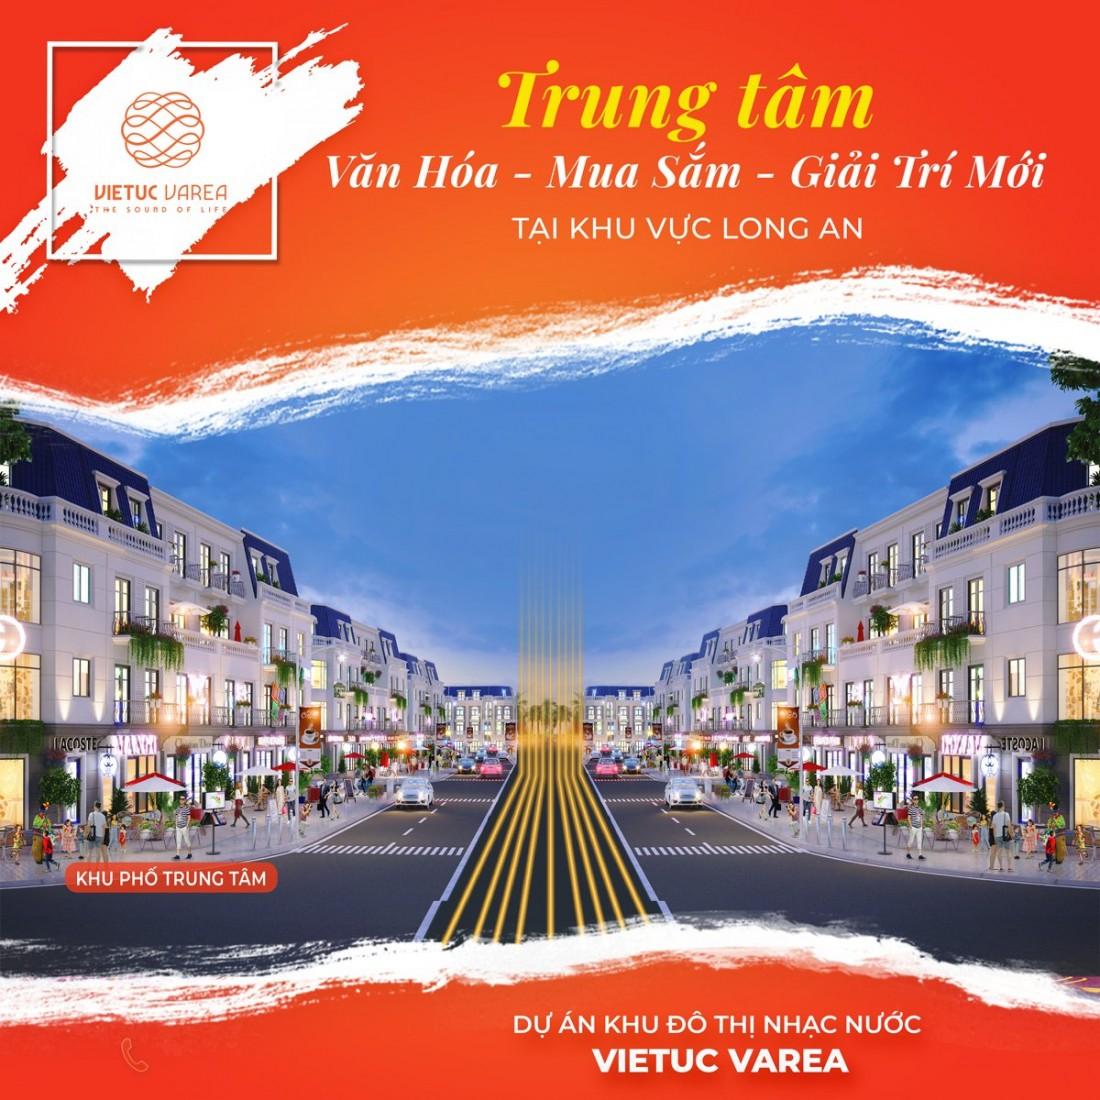 Phối cảnh khu phố trung tâm Khu đô thị Nhạc nước Việt Úc Varea